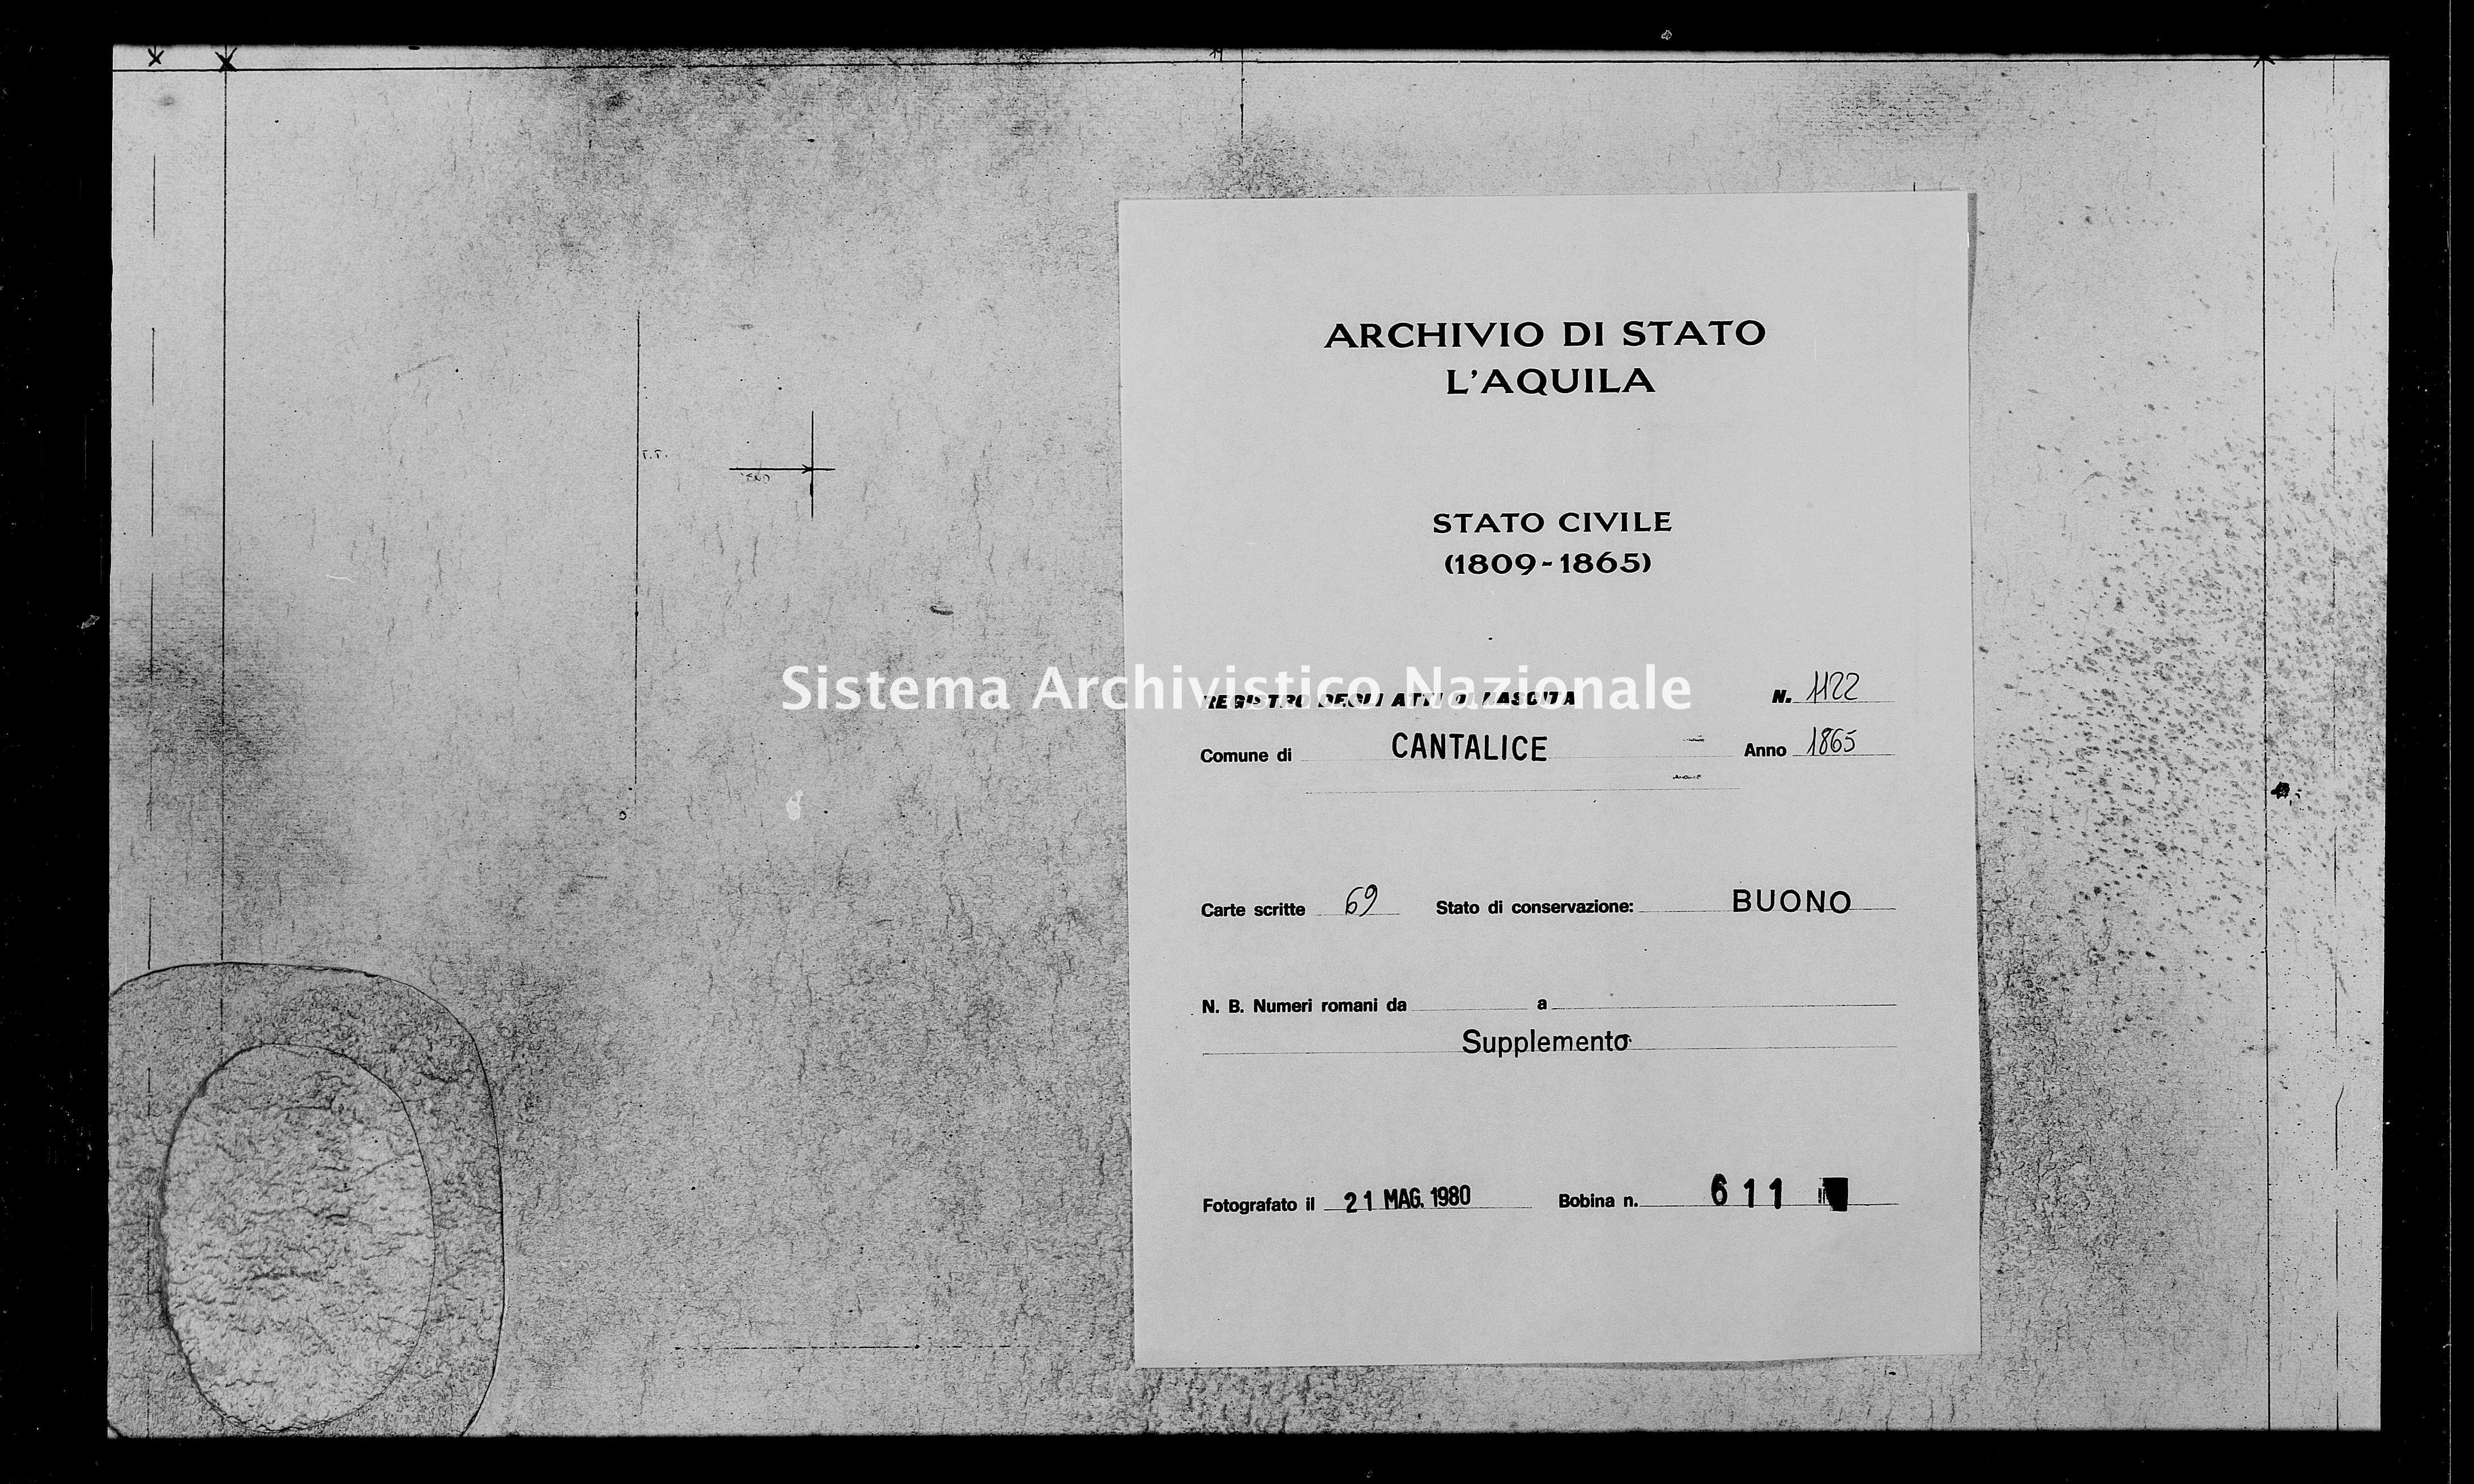 Archivio di stato di L'aquila - Stato civile italiano - Cantalice - Nati, battesimi - 1865 - 1122 -